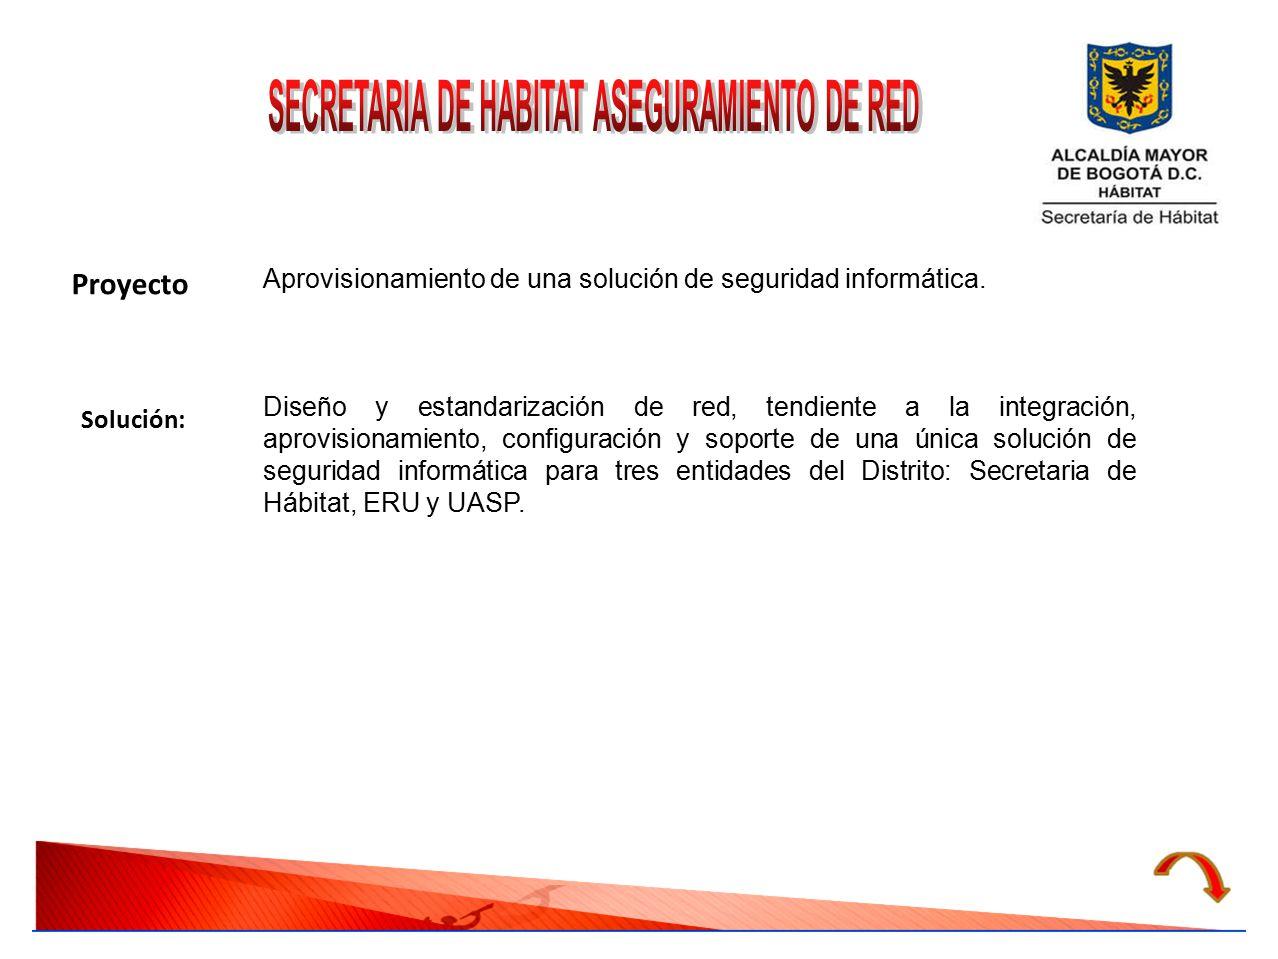 SECRETARIA DE HABITAT ASEGURAMIENTO DE RED